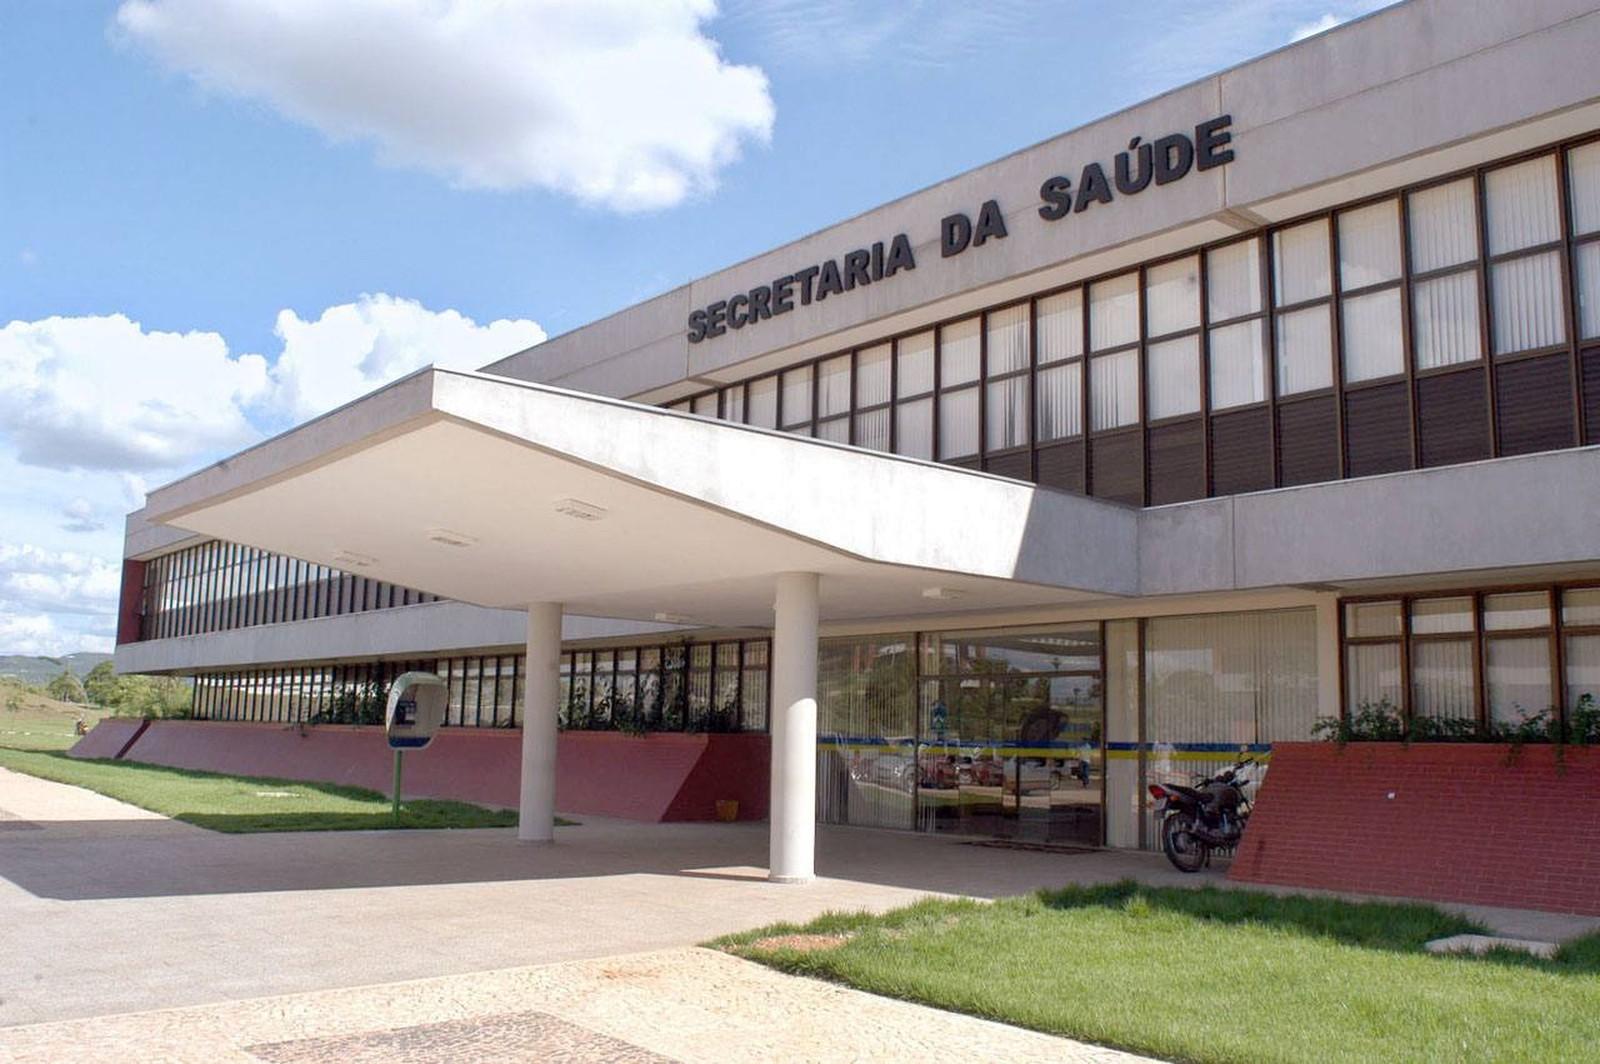 Investigação sobre desvios de R$ 4 bilhões na saúde termina sem ninguém preso